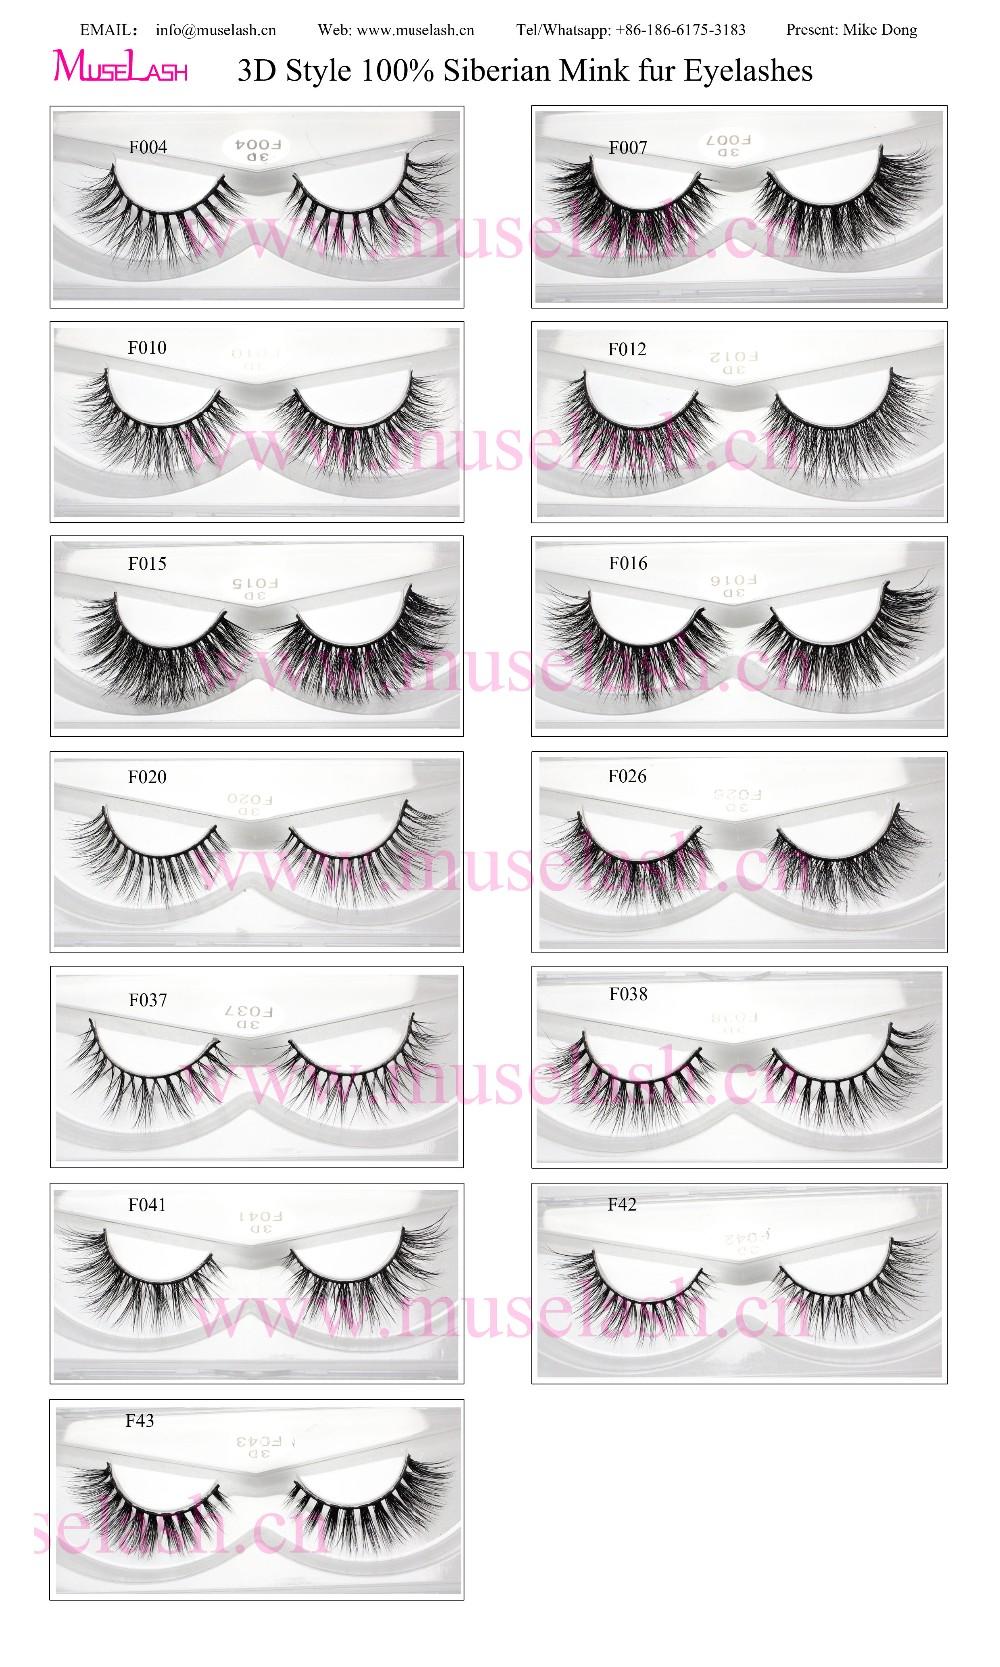 143663ed549 oem mink false eyelashes mink 3d lashes 100% real mink lashes manufacturer